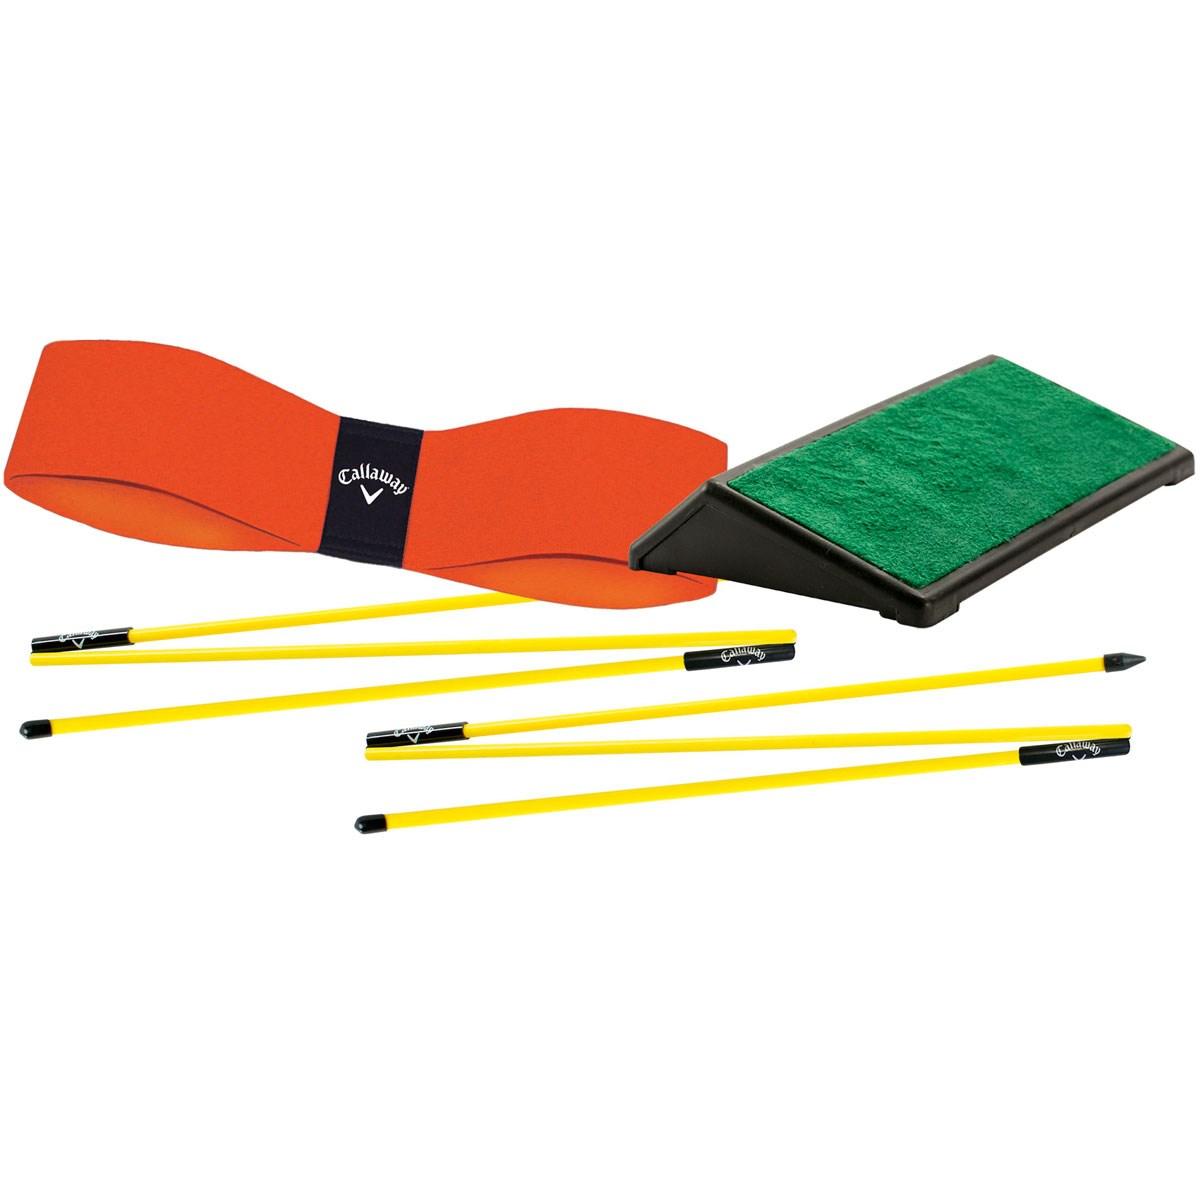 キャロウェイゴルフ(Callaway Golf) ベーシック トレーニング バンドル II